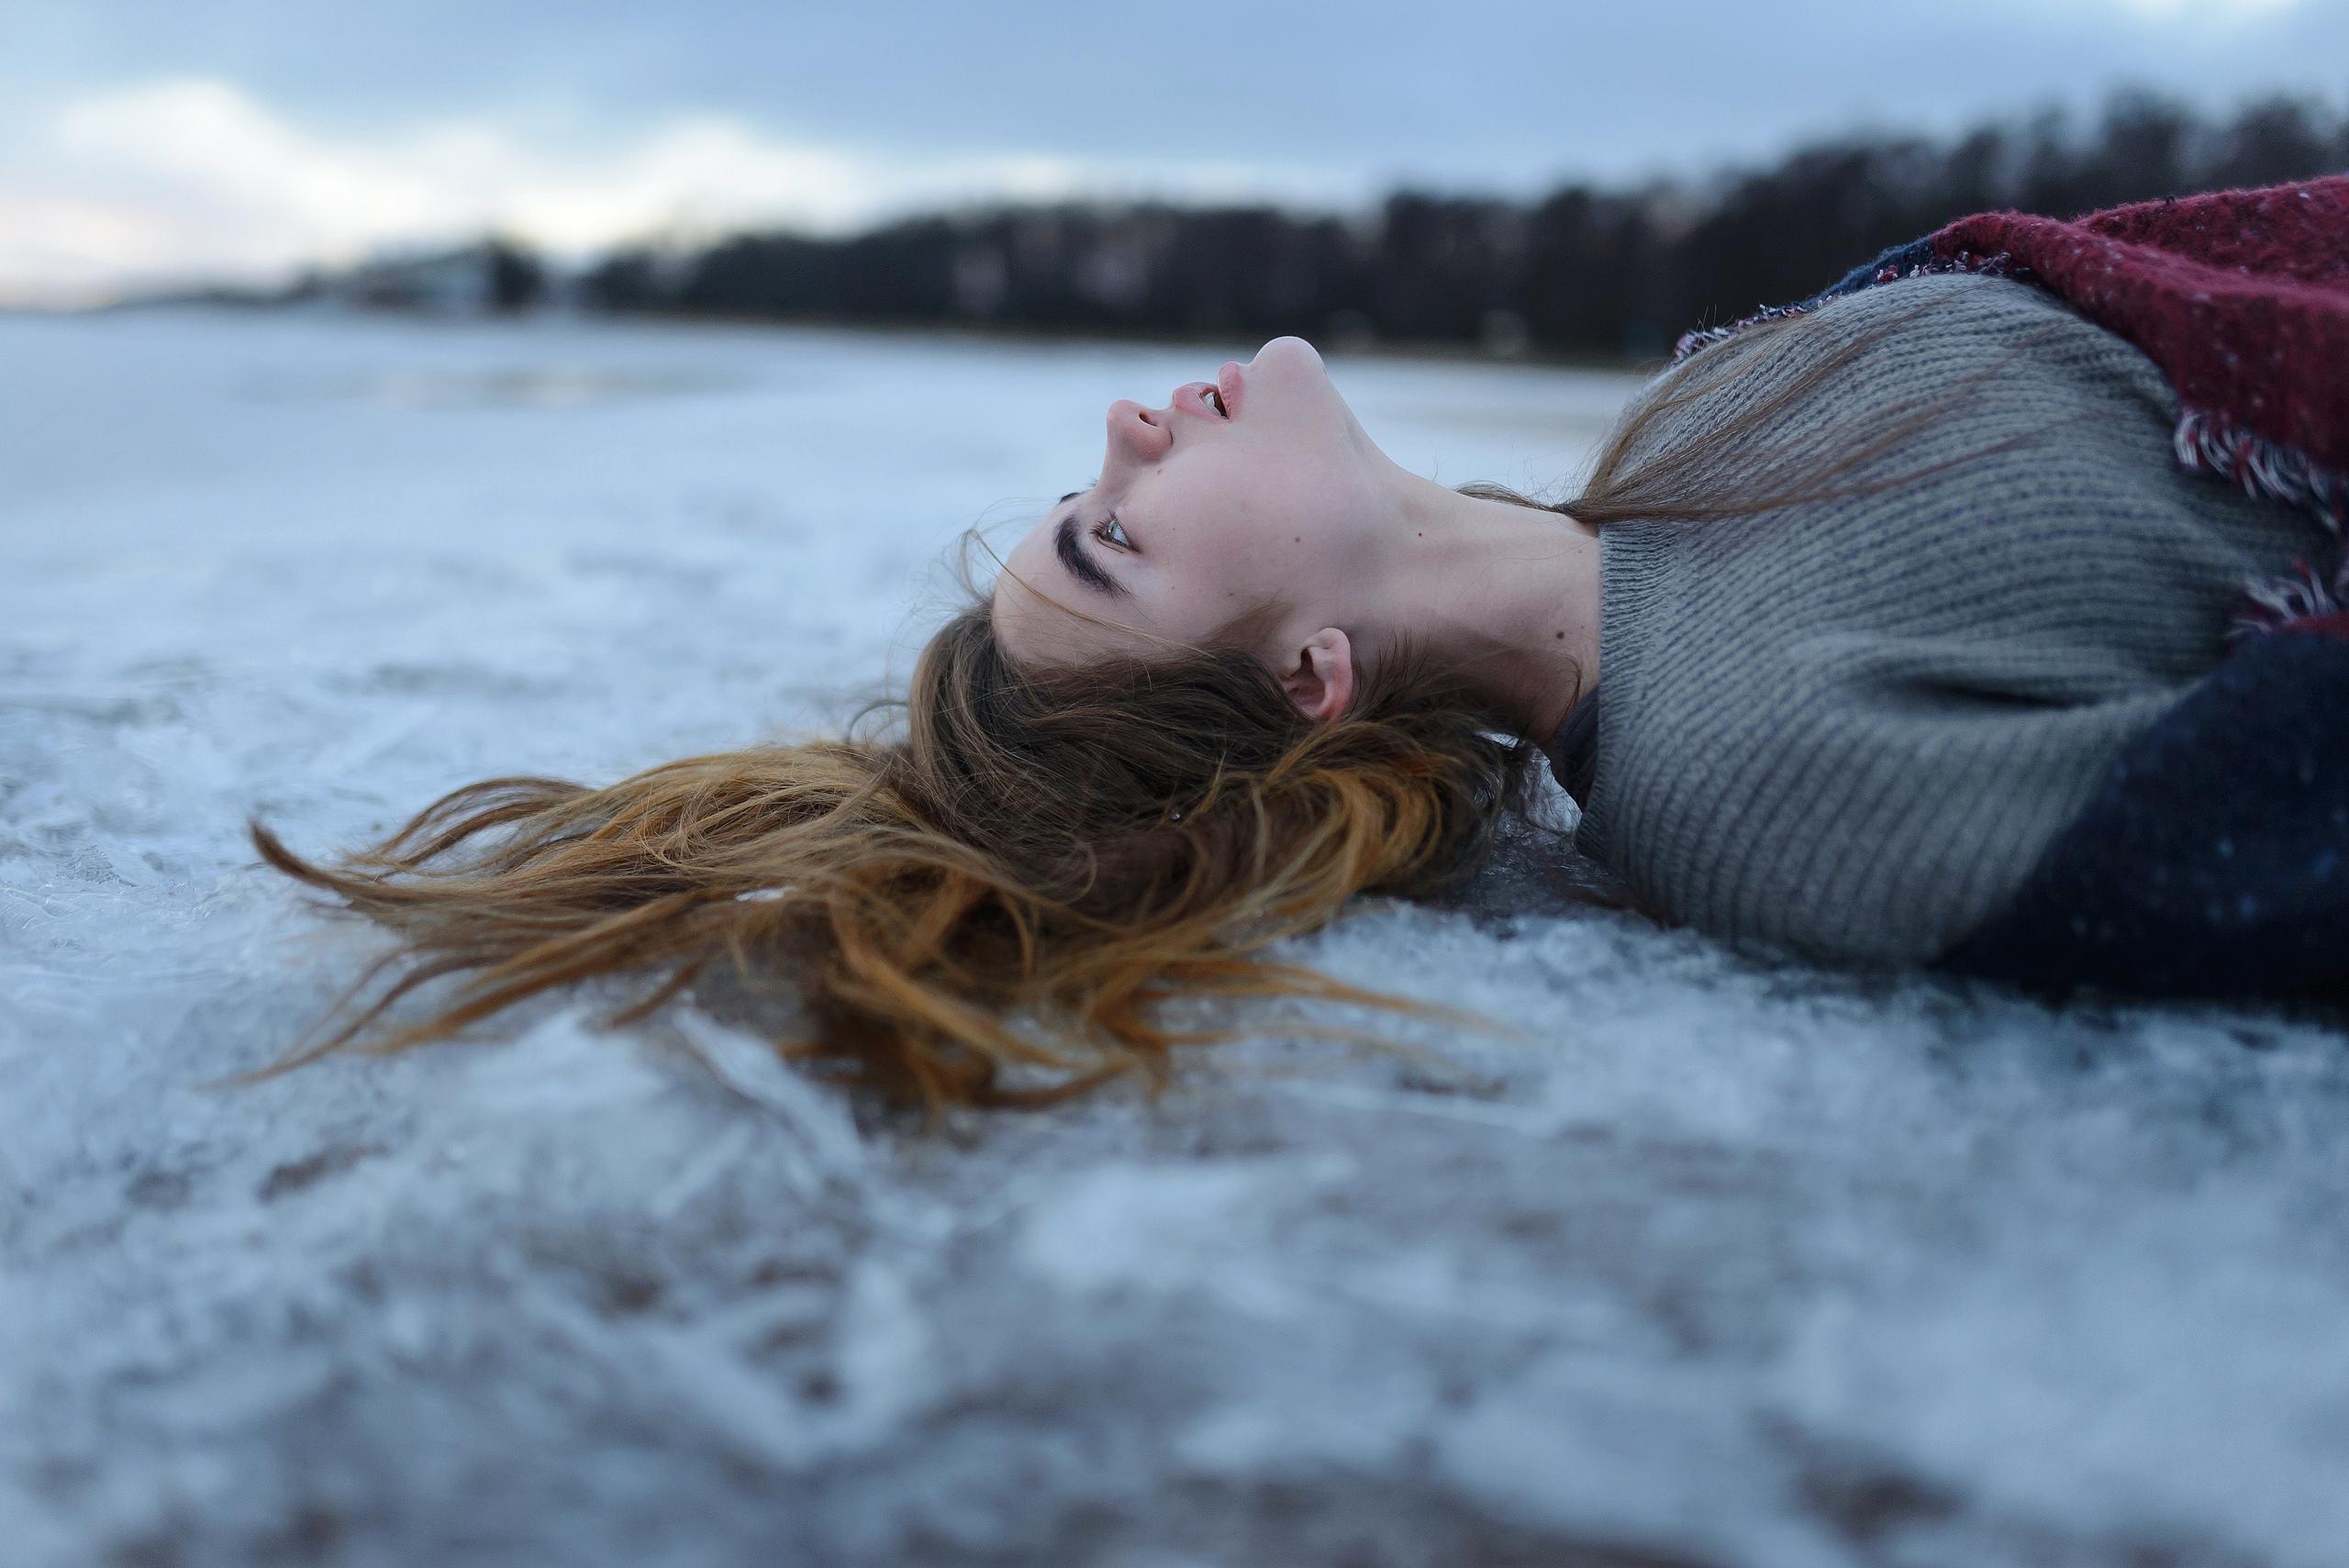 Фото девушки валяются в снегу